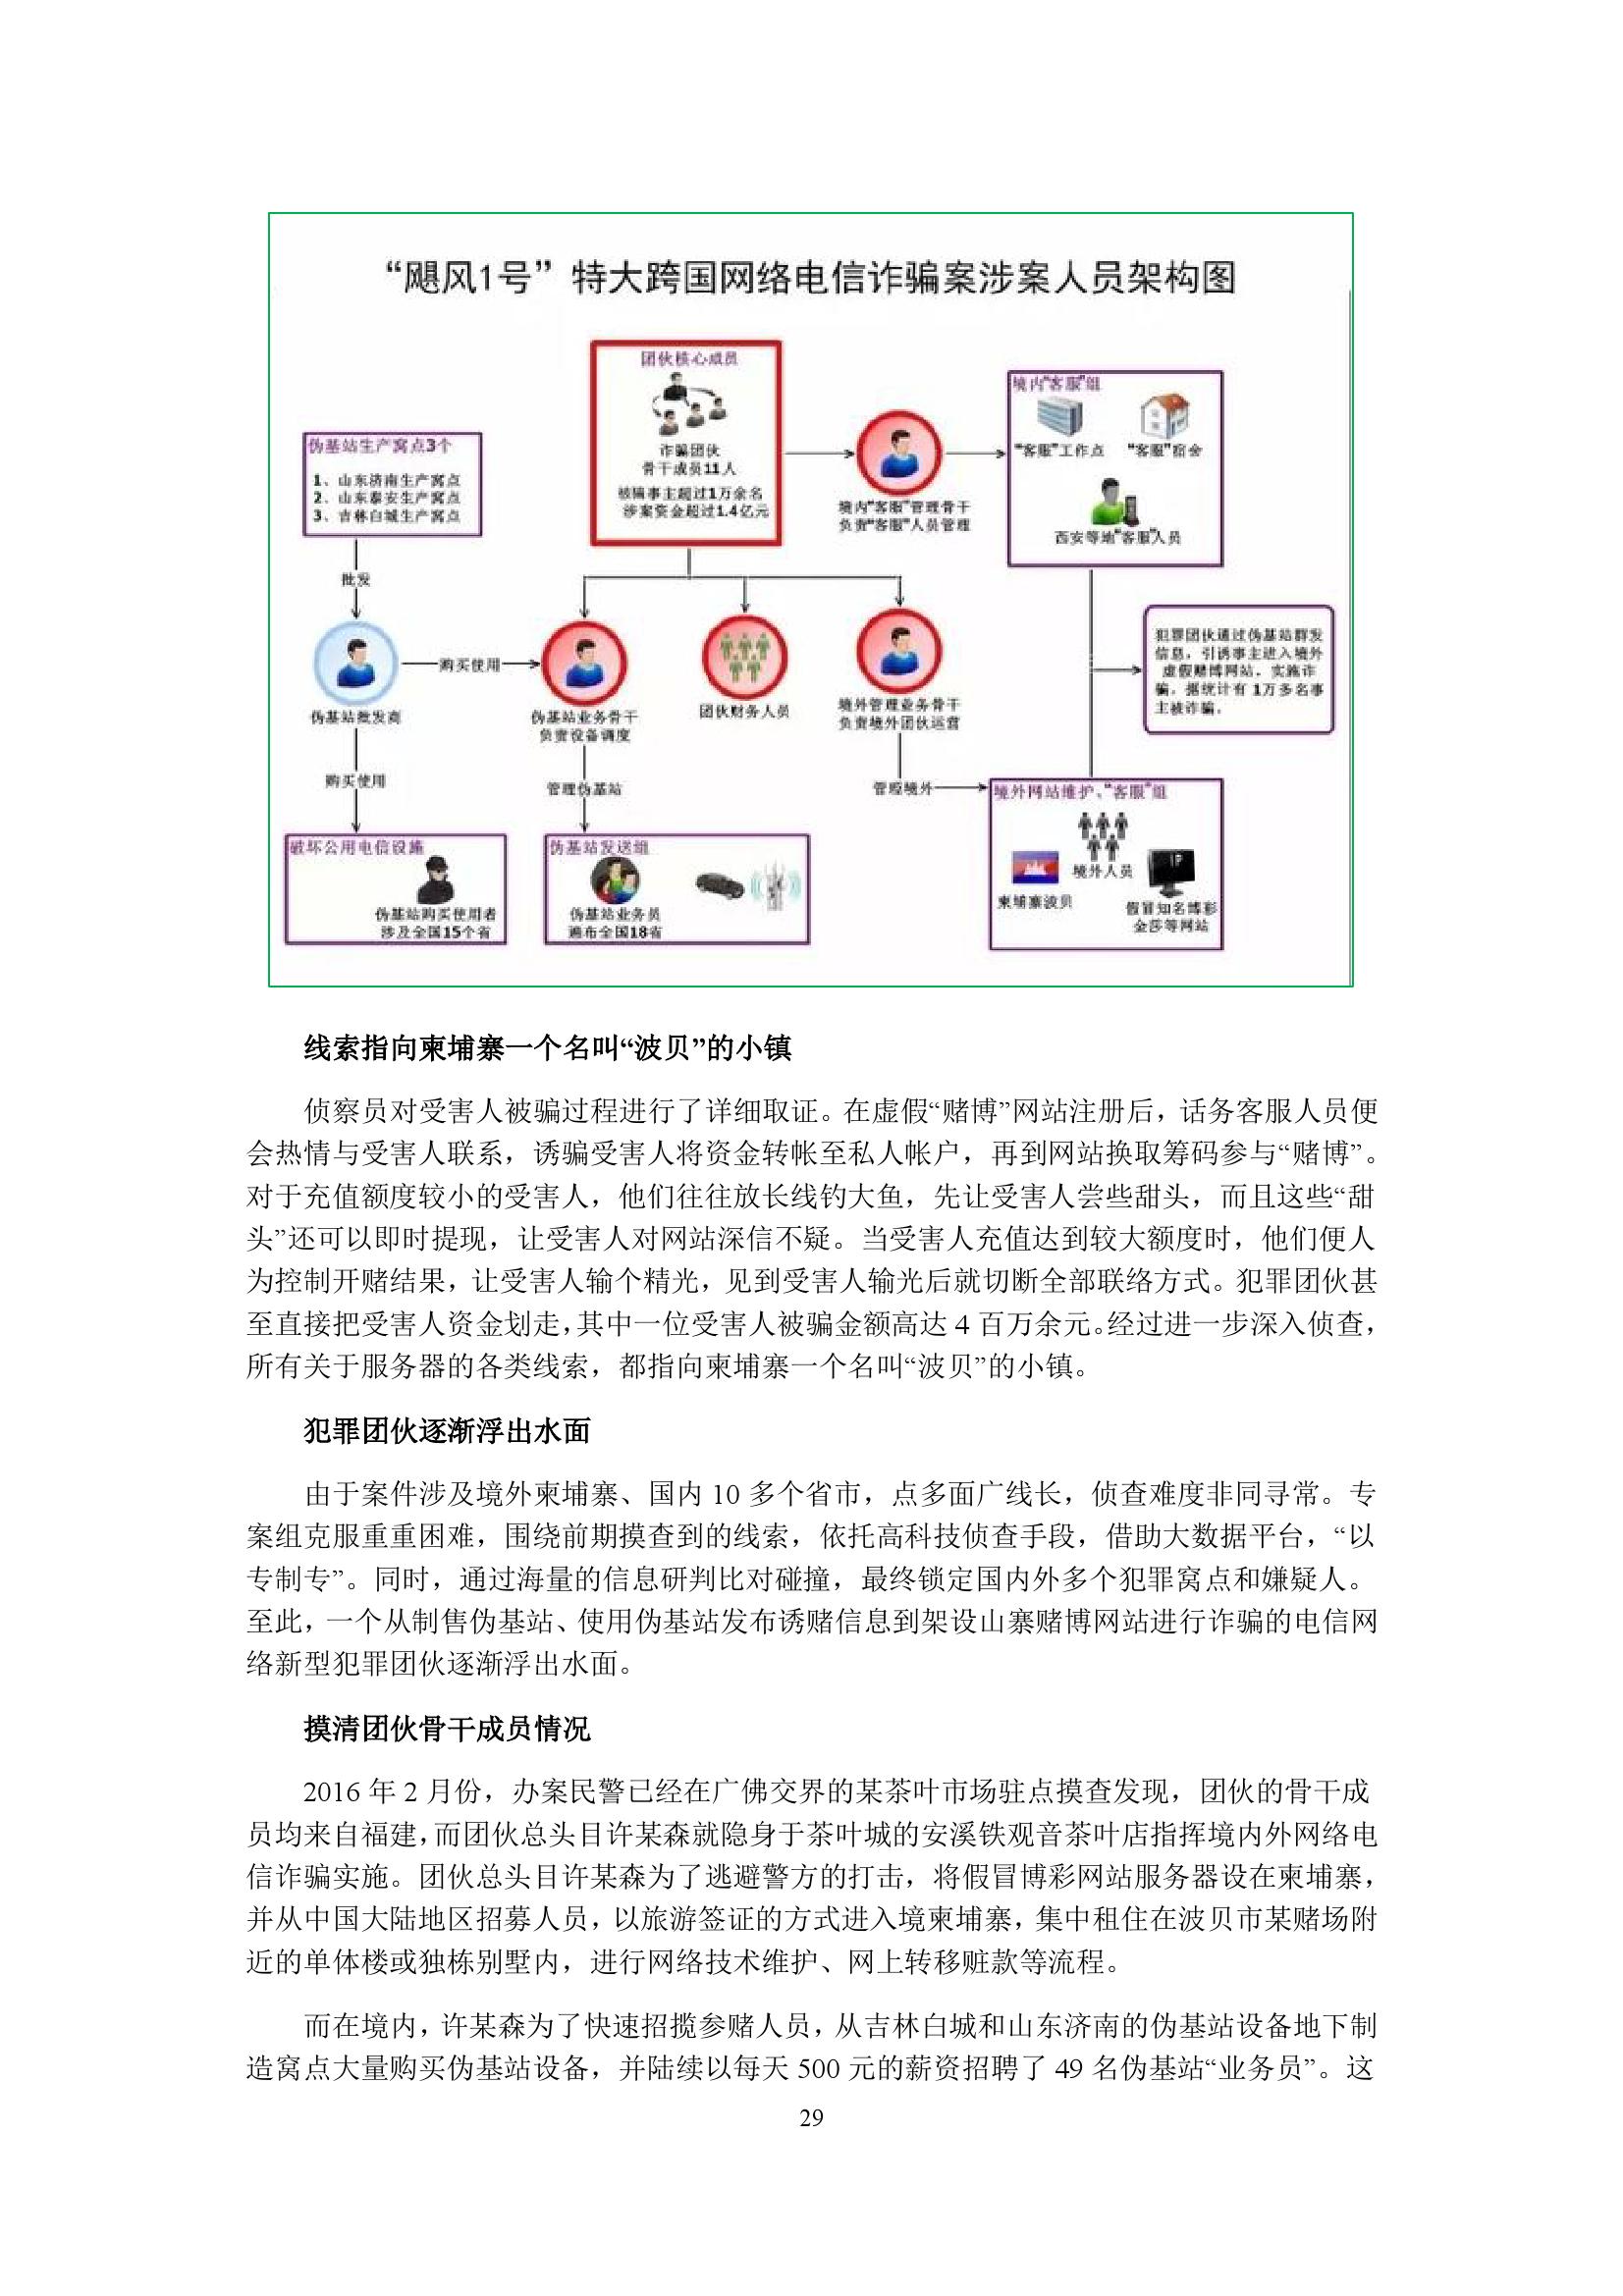 2016年第一季度网络诈骗趋势研究报告_000032